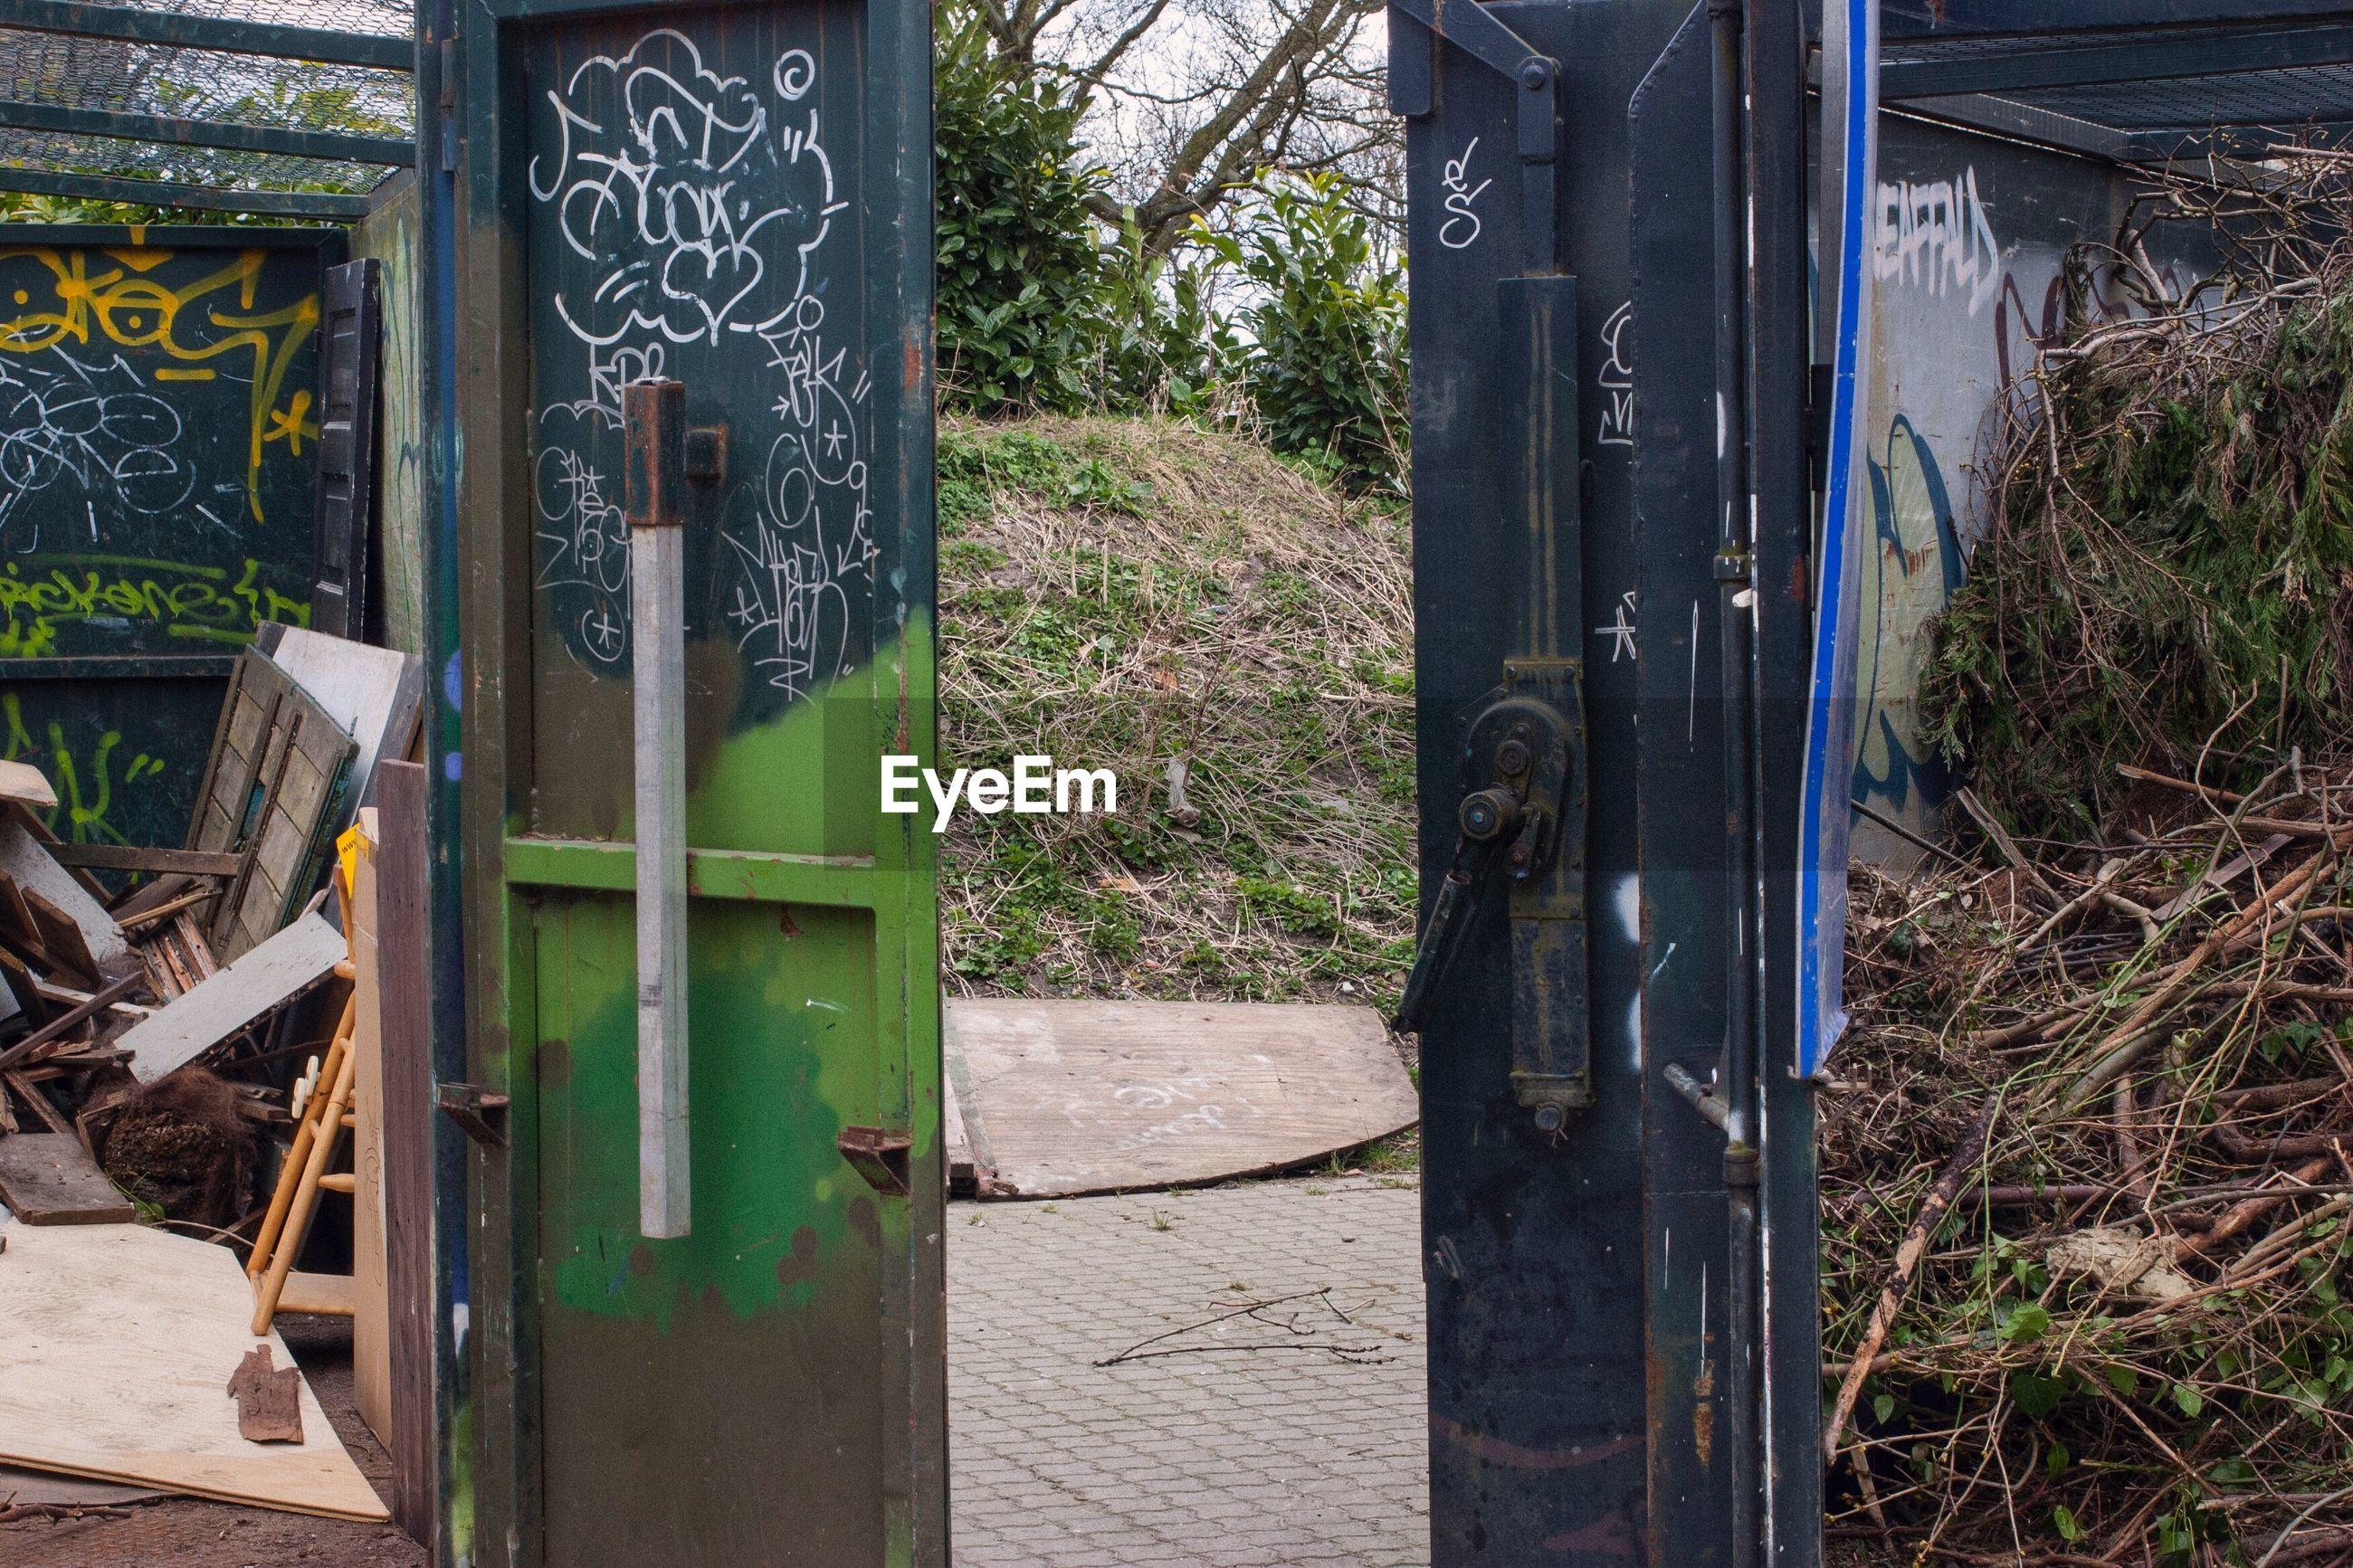 GRAFFITI ON CLOSED DOOR OF METAL GATE